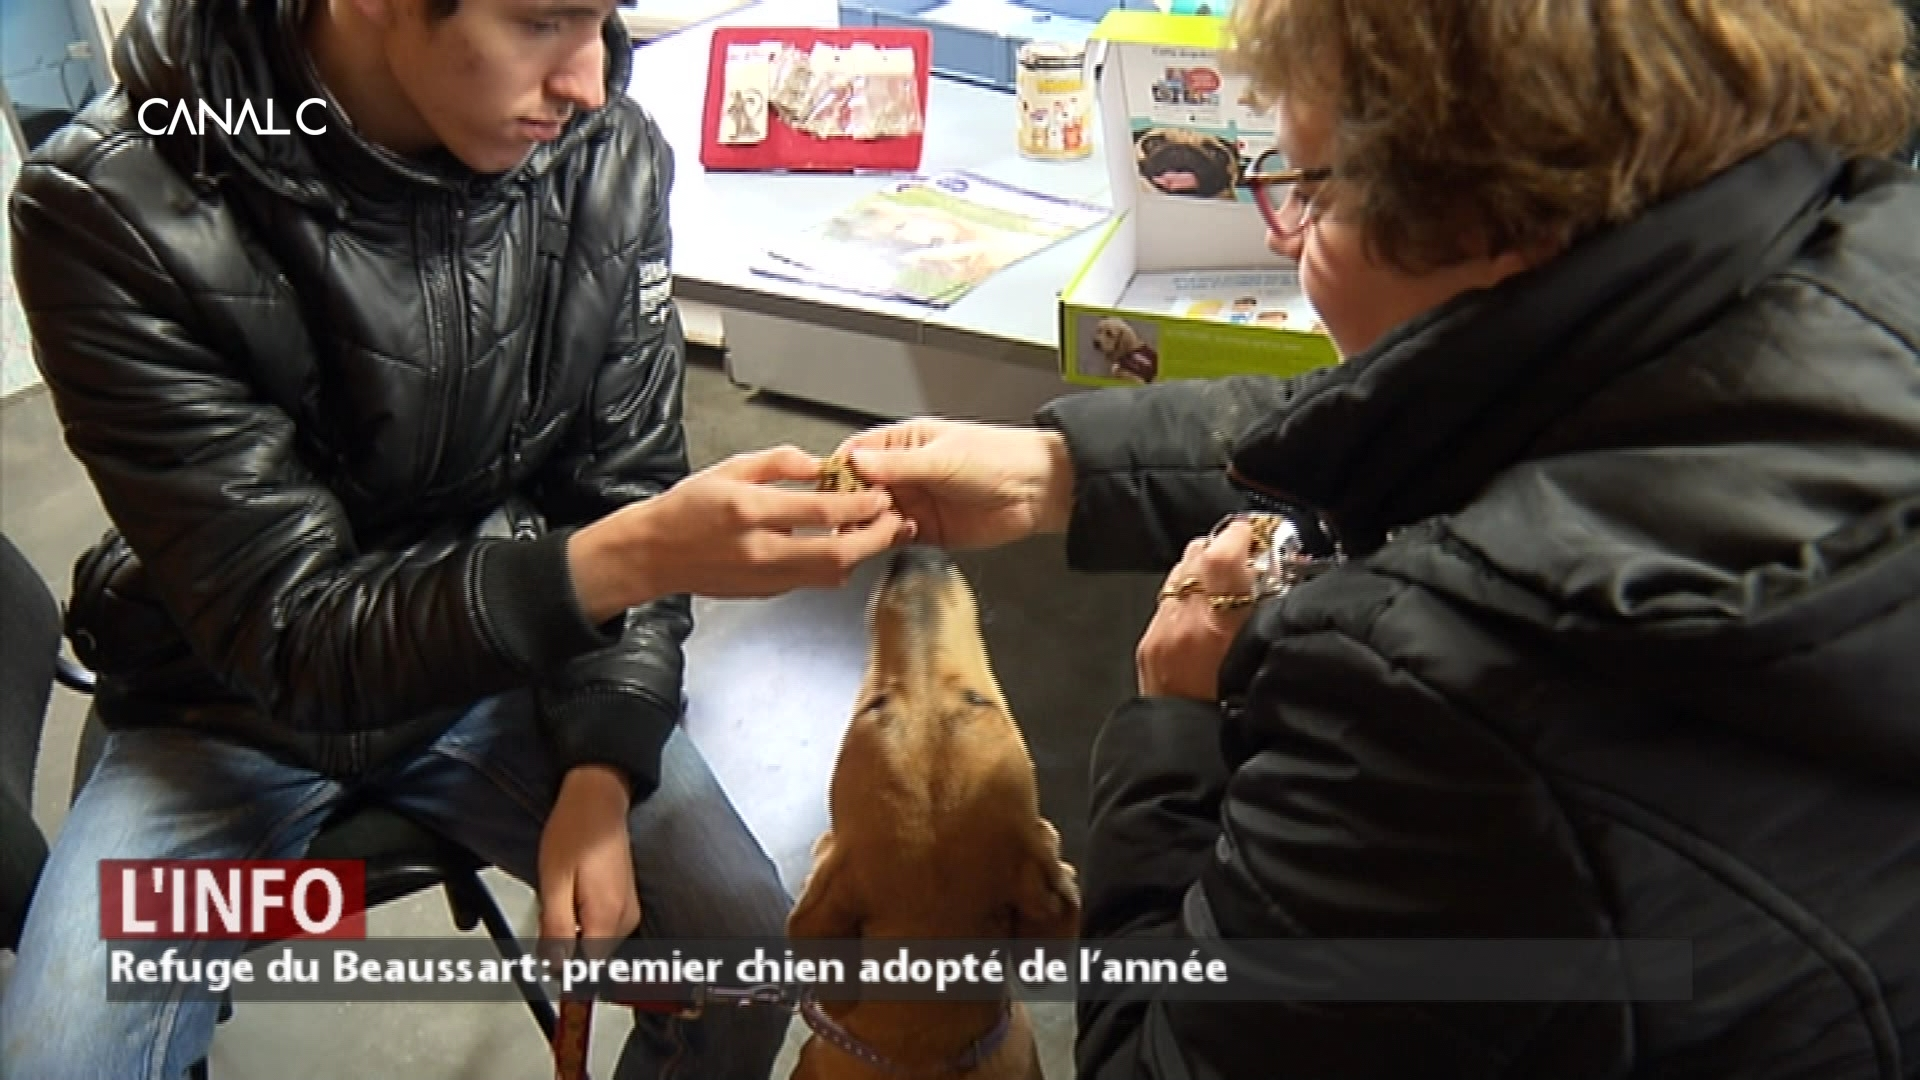 Le premier chien adopté de l'année au Refuge du Beaussart